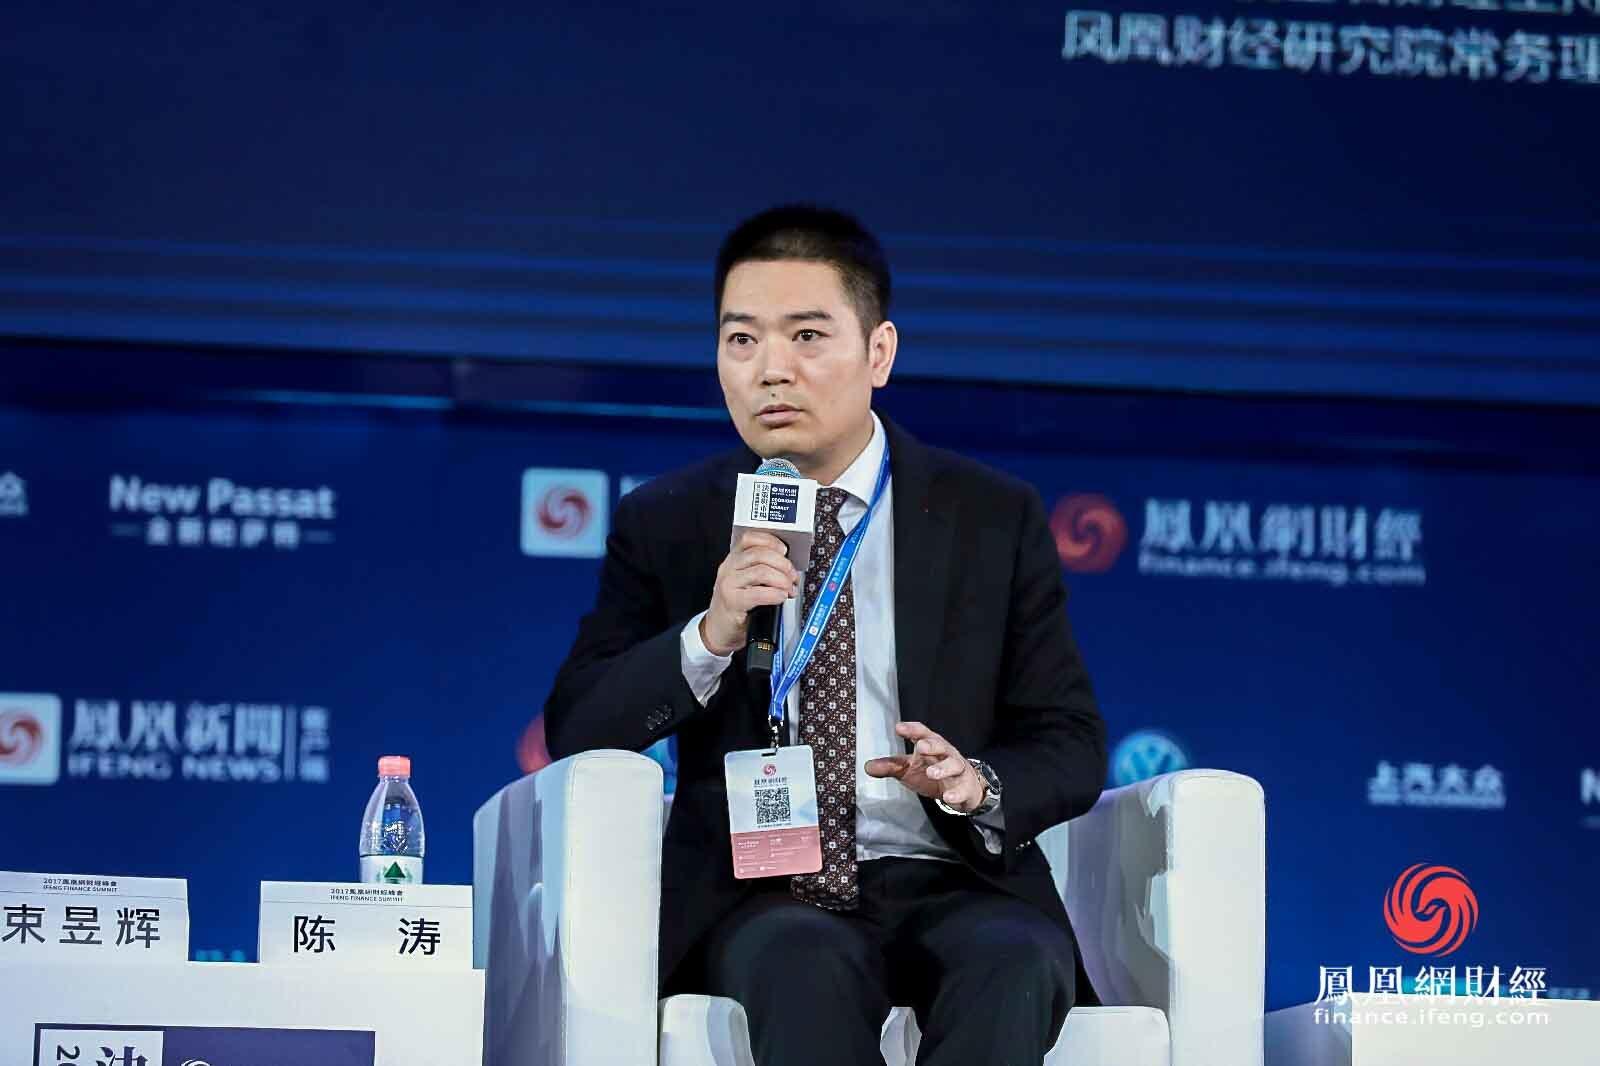 陈涛:如优质公共资源不能复制 大家只好扎堆城市发展